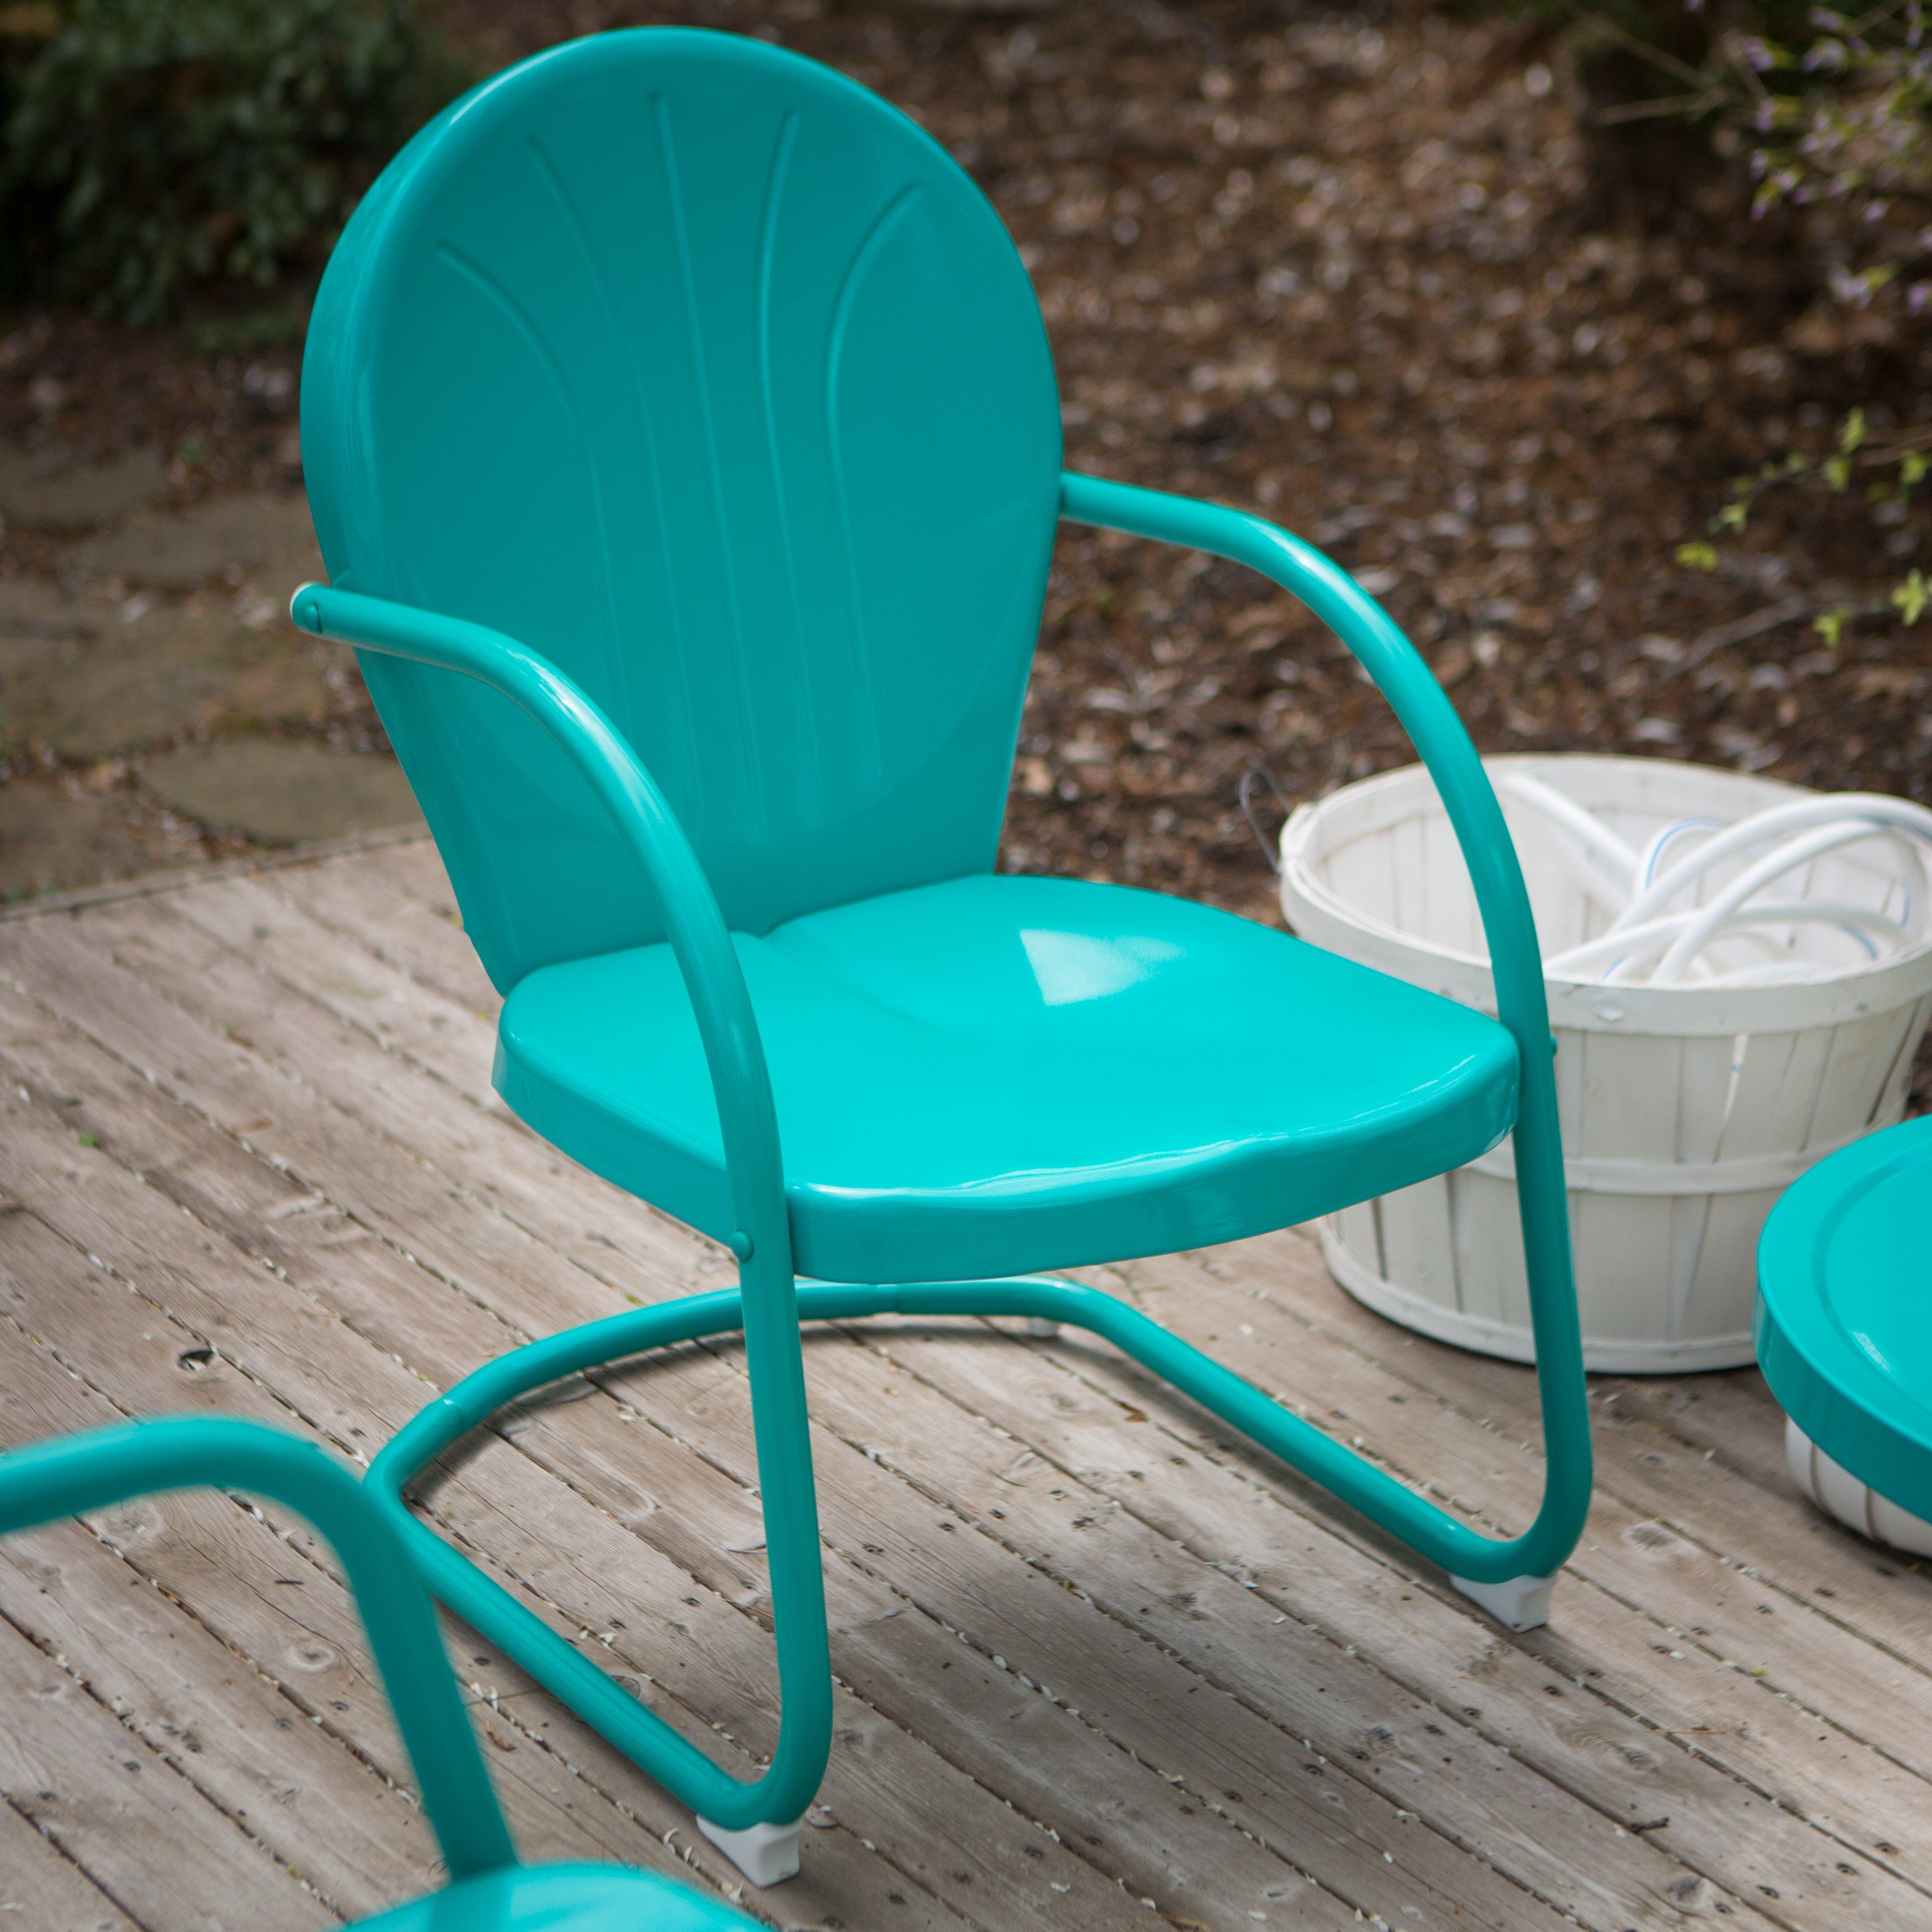 Coral Coast Vintage Retro Chair   $69.98 @hayneedle